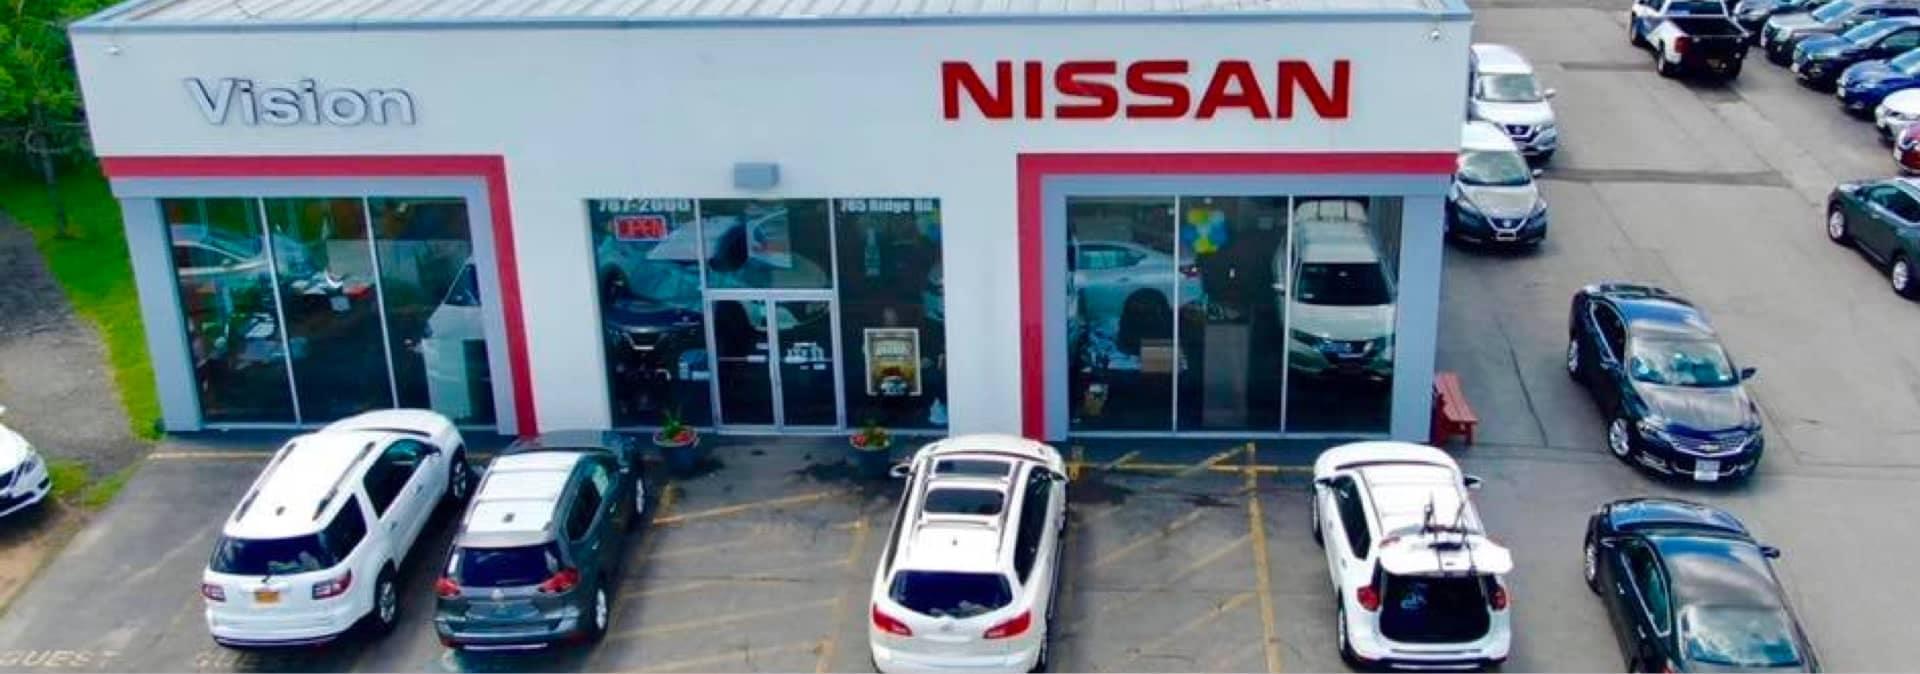 Vision Nissan dealership